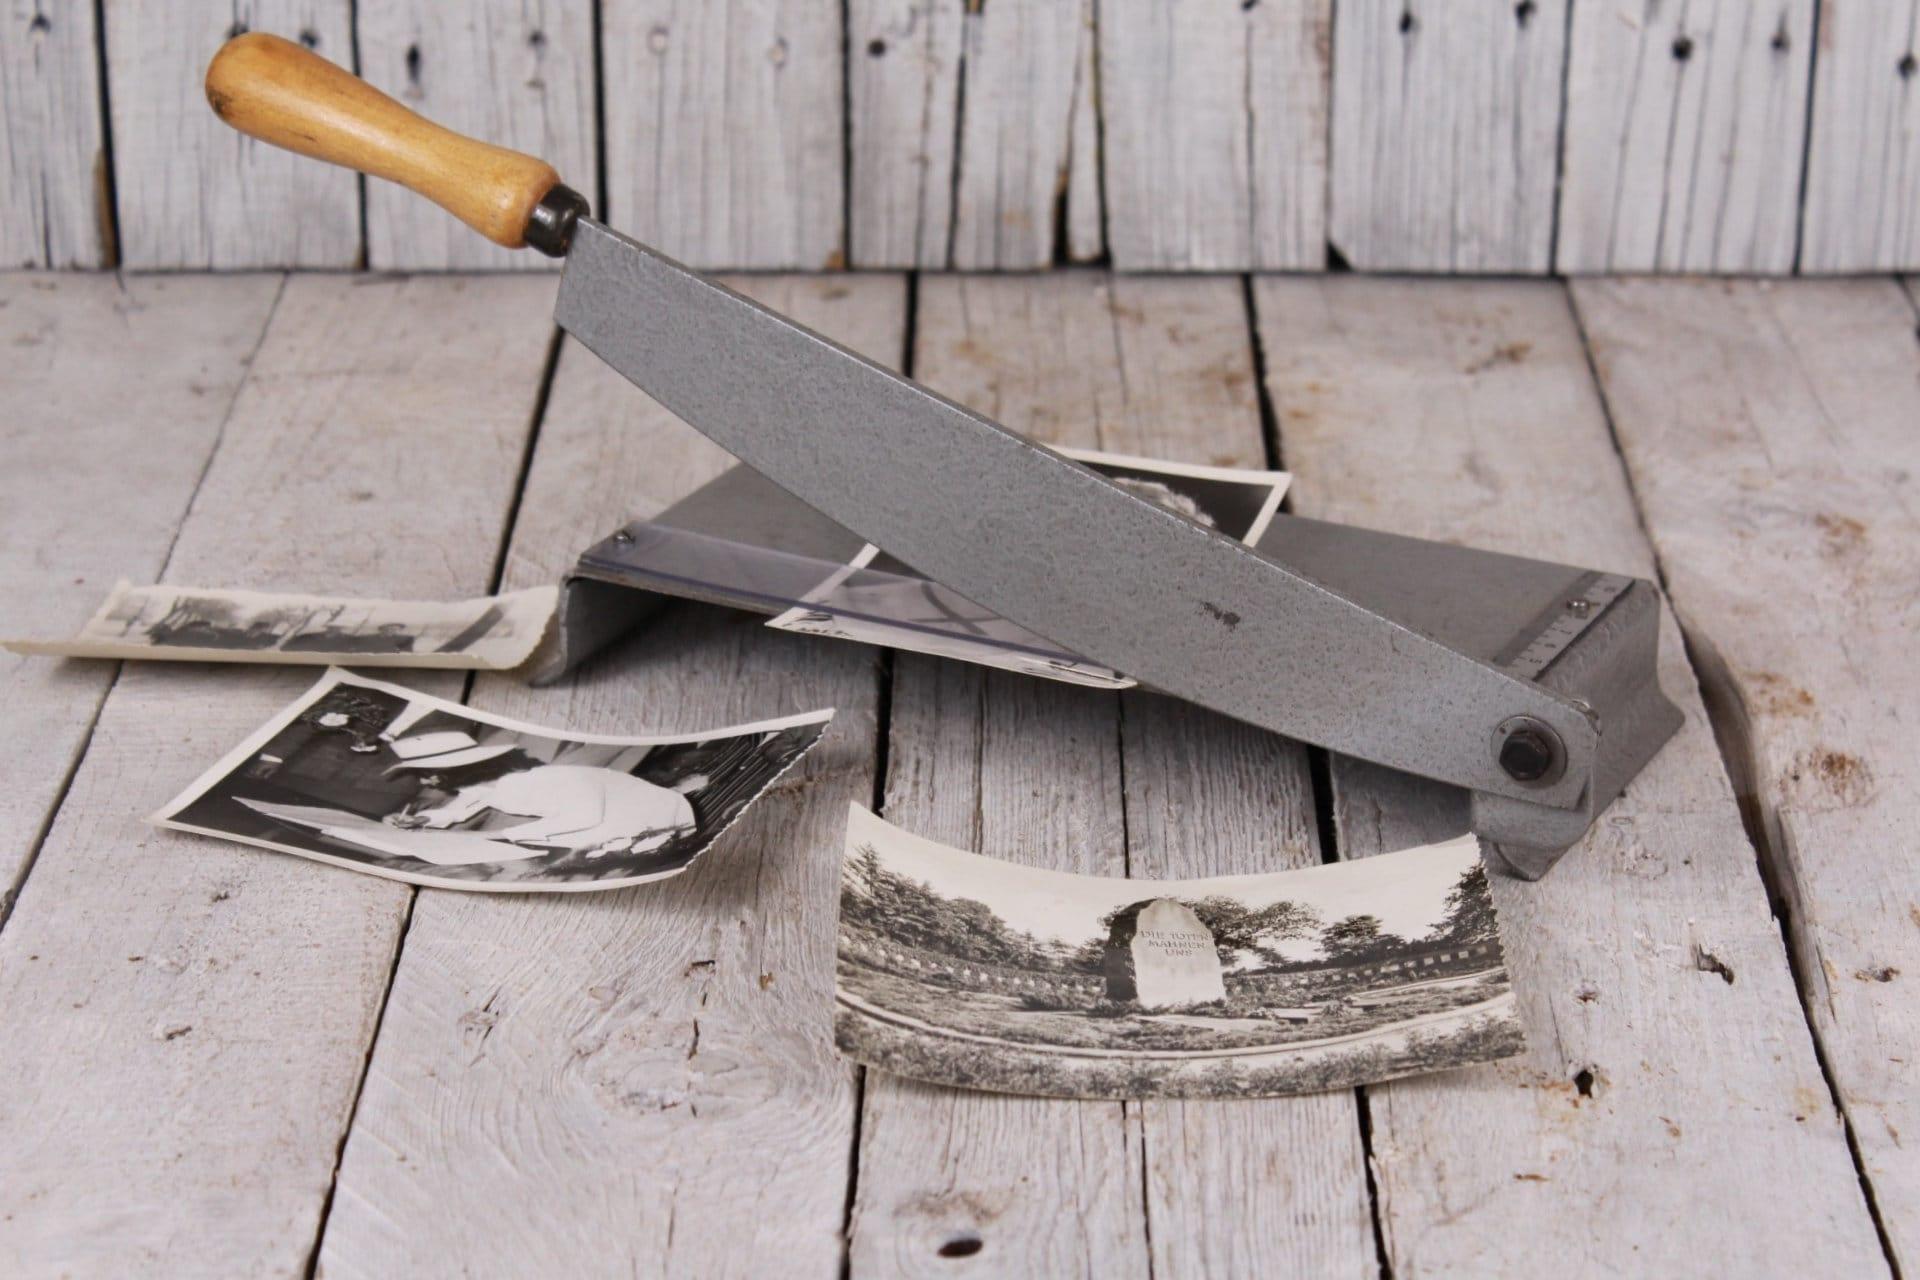 couteau à lames des curiosité années 1960 pour les photos, curiosité des coupe-papier, coupe défilement photos, vieux coupeur de photo, outil de coupe guillotine, coupe photo Vintage 8417d0